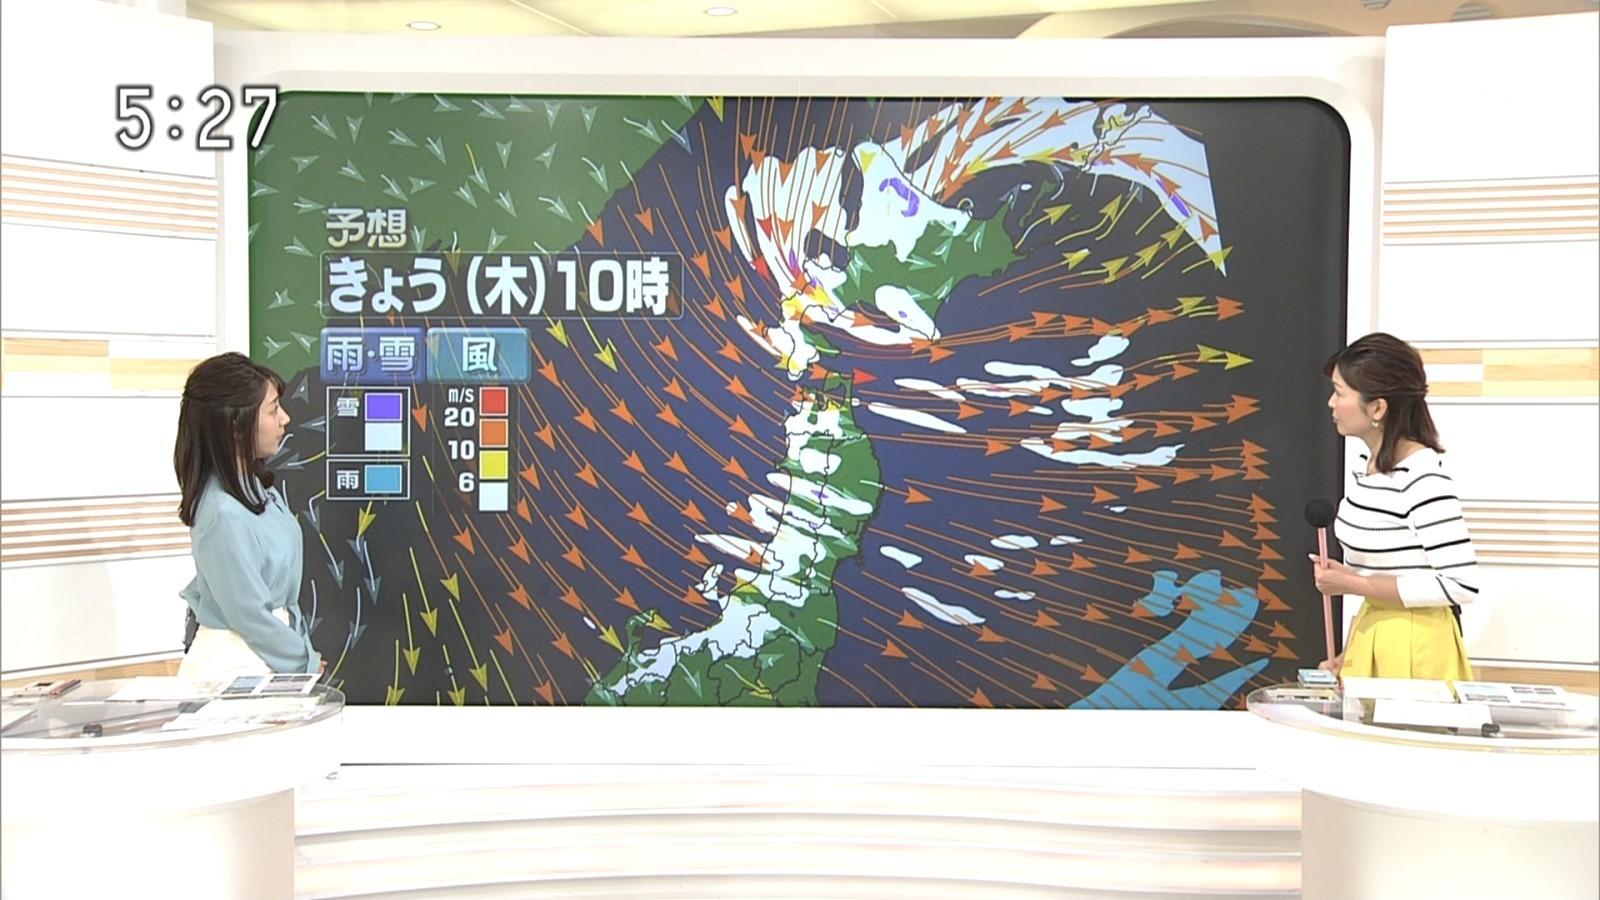 胸 山神明理 山神明理(NHK気象予報士)の年齢や身長とカップの画像をwikiプロフィールに!結婚や彼氏は?【おはよう関西】